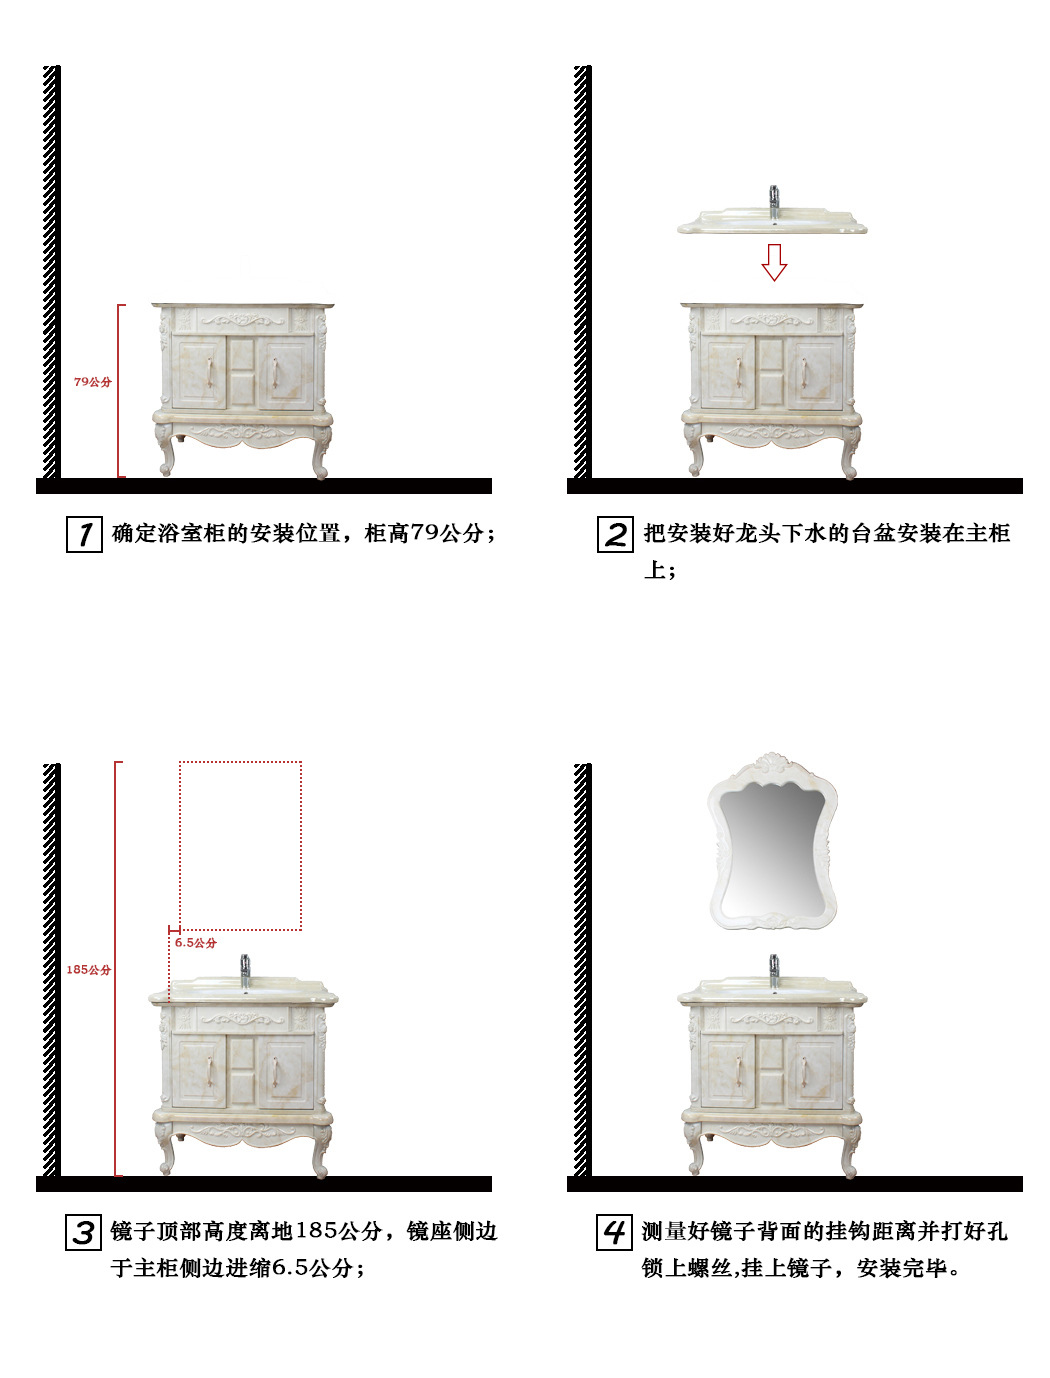 卫浴欧式 水印防水板仿大理石落地 洗脸盆 台下盆浴室柜 经久耐用示例图7